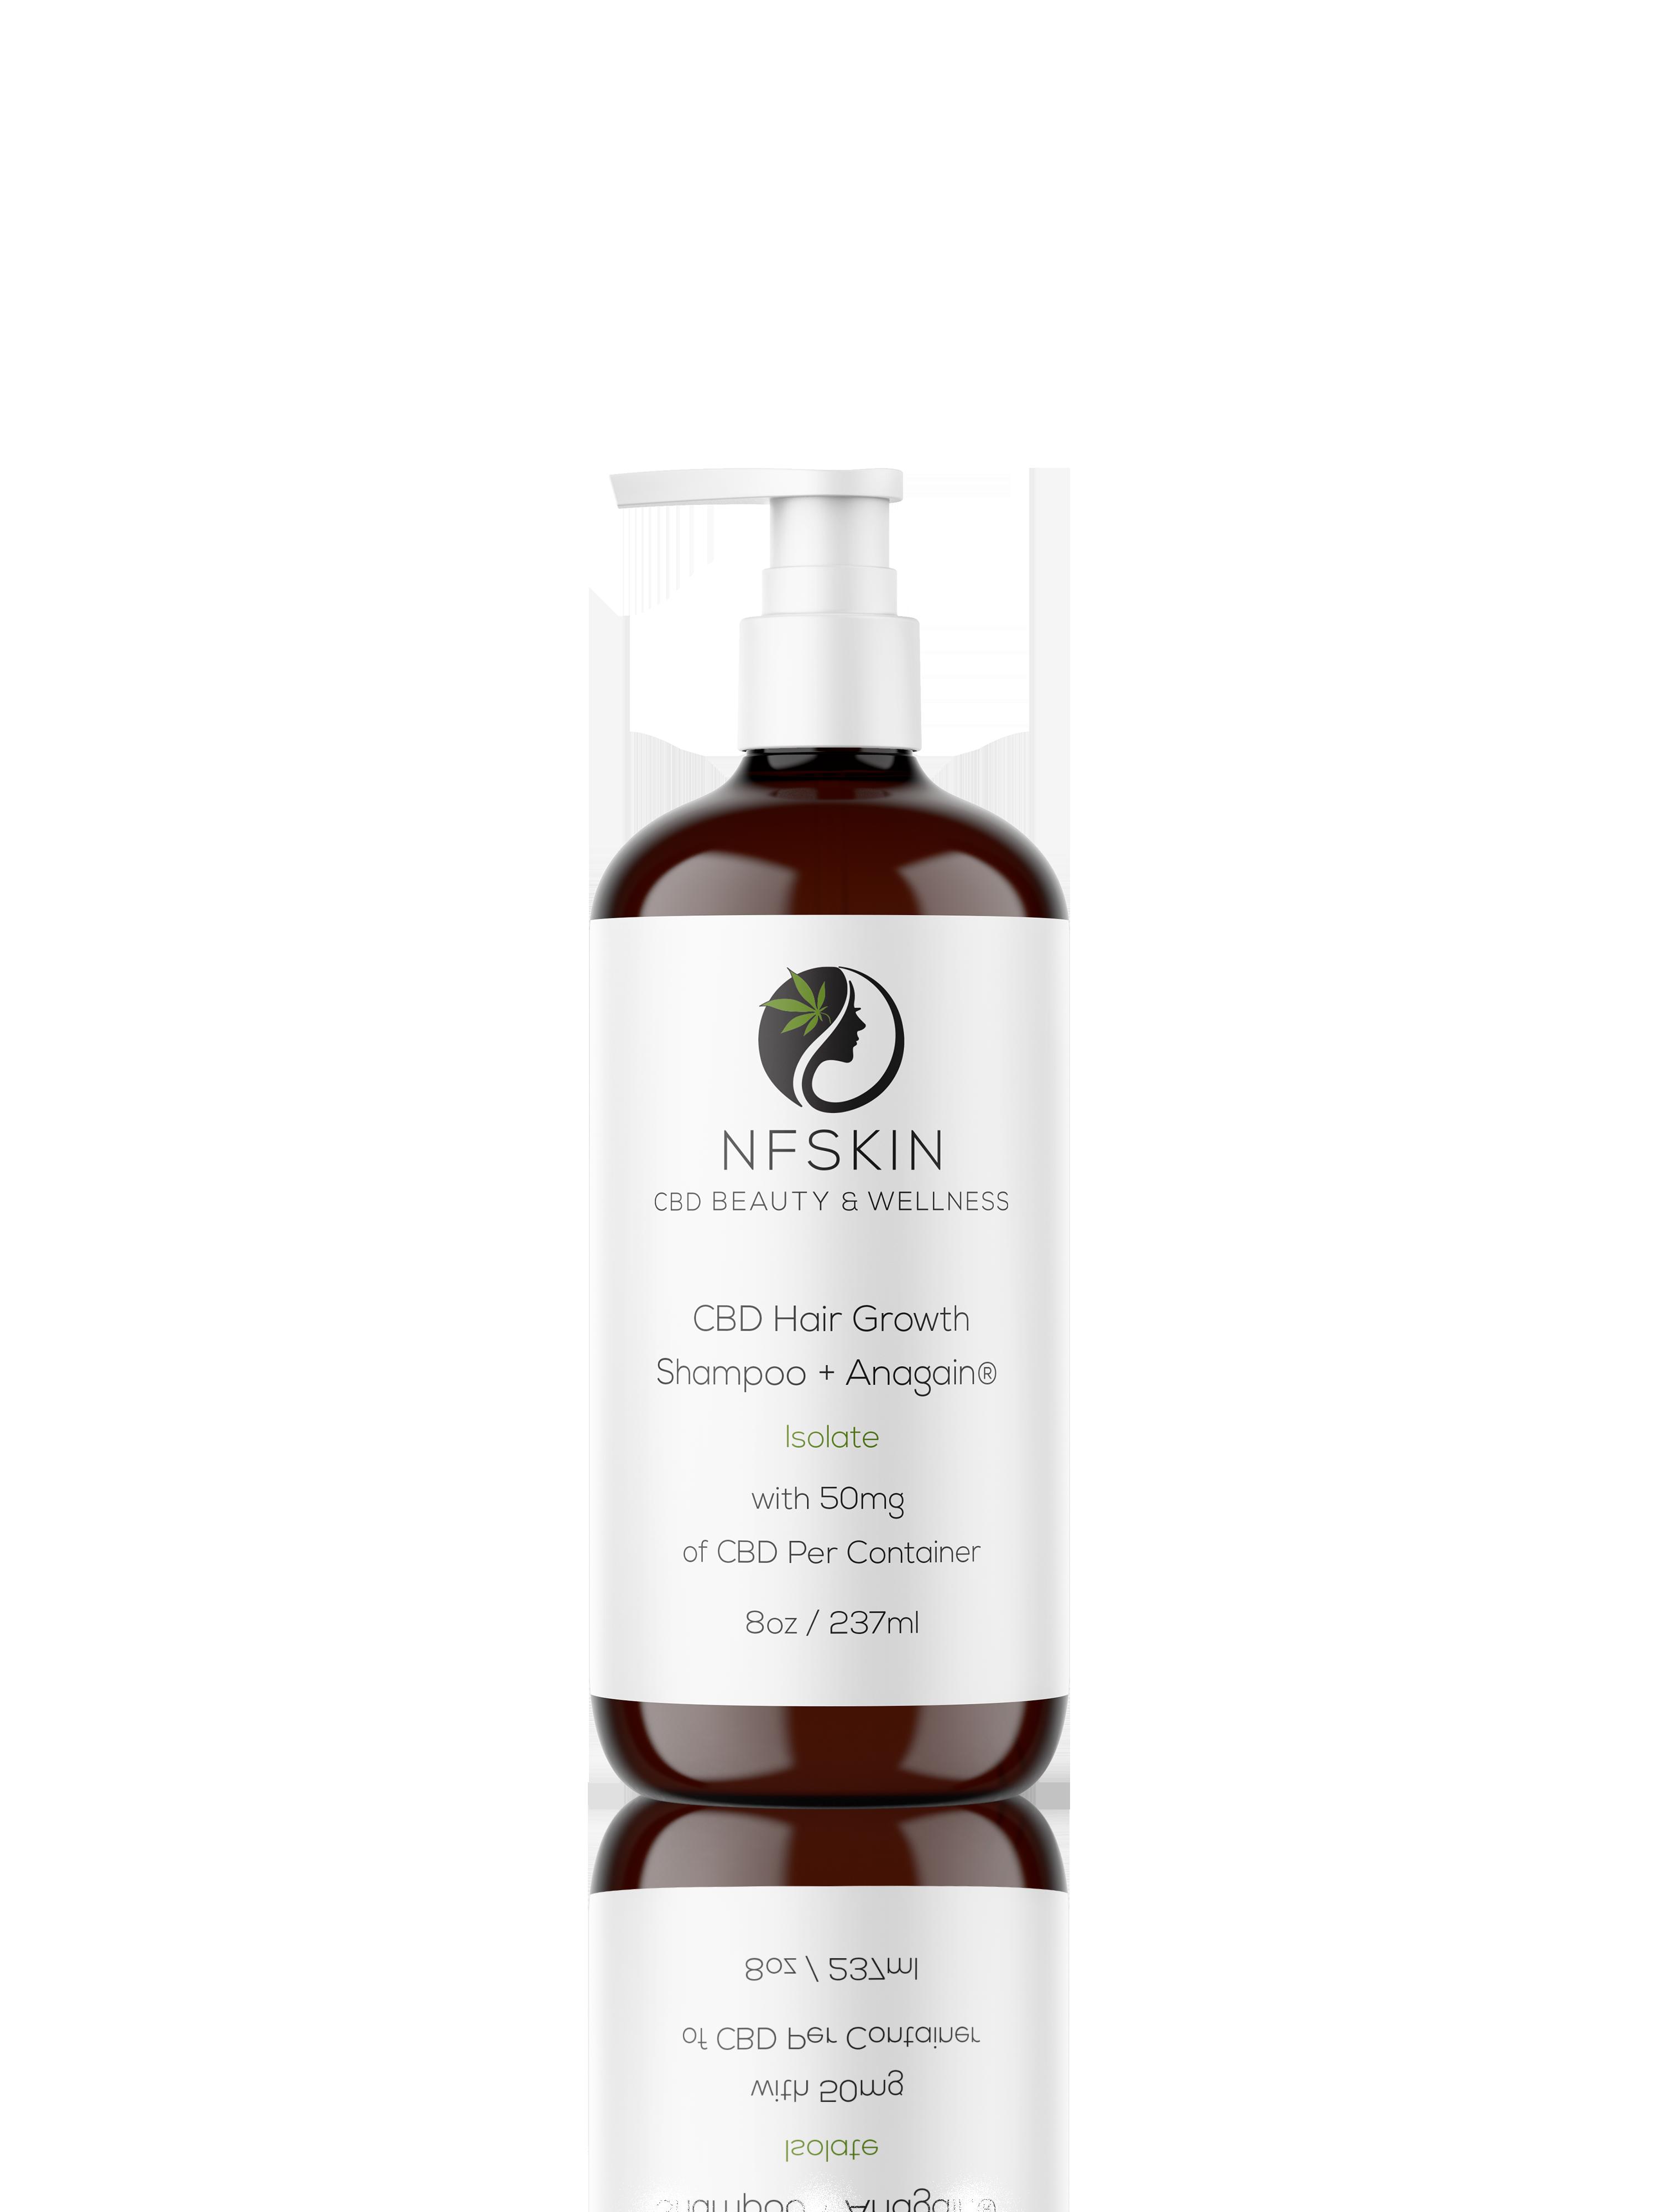 Hair Growth Shampoo + Anagain